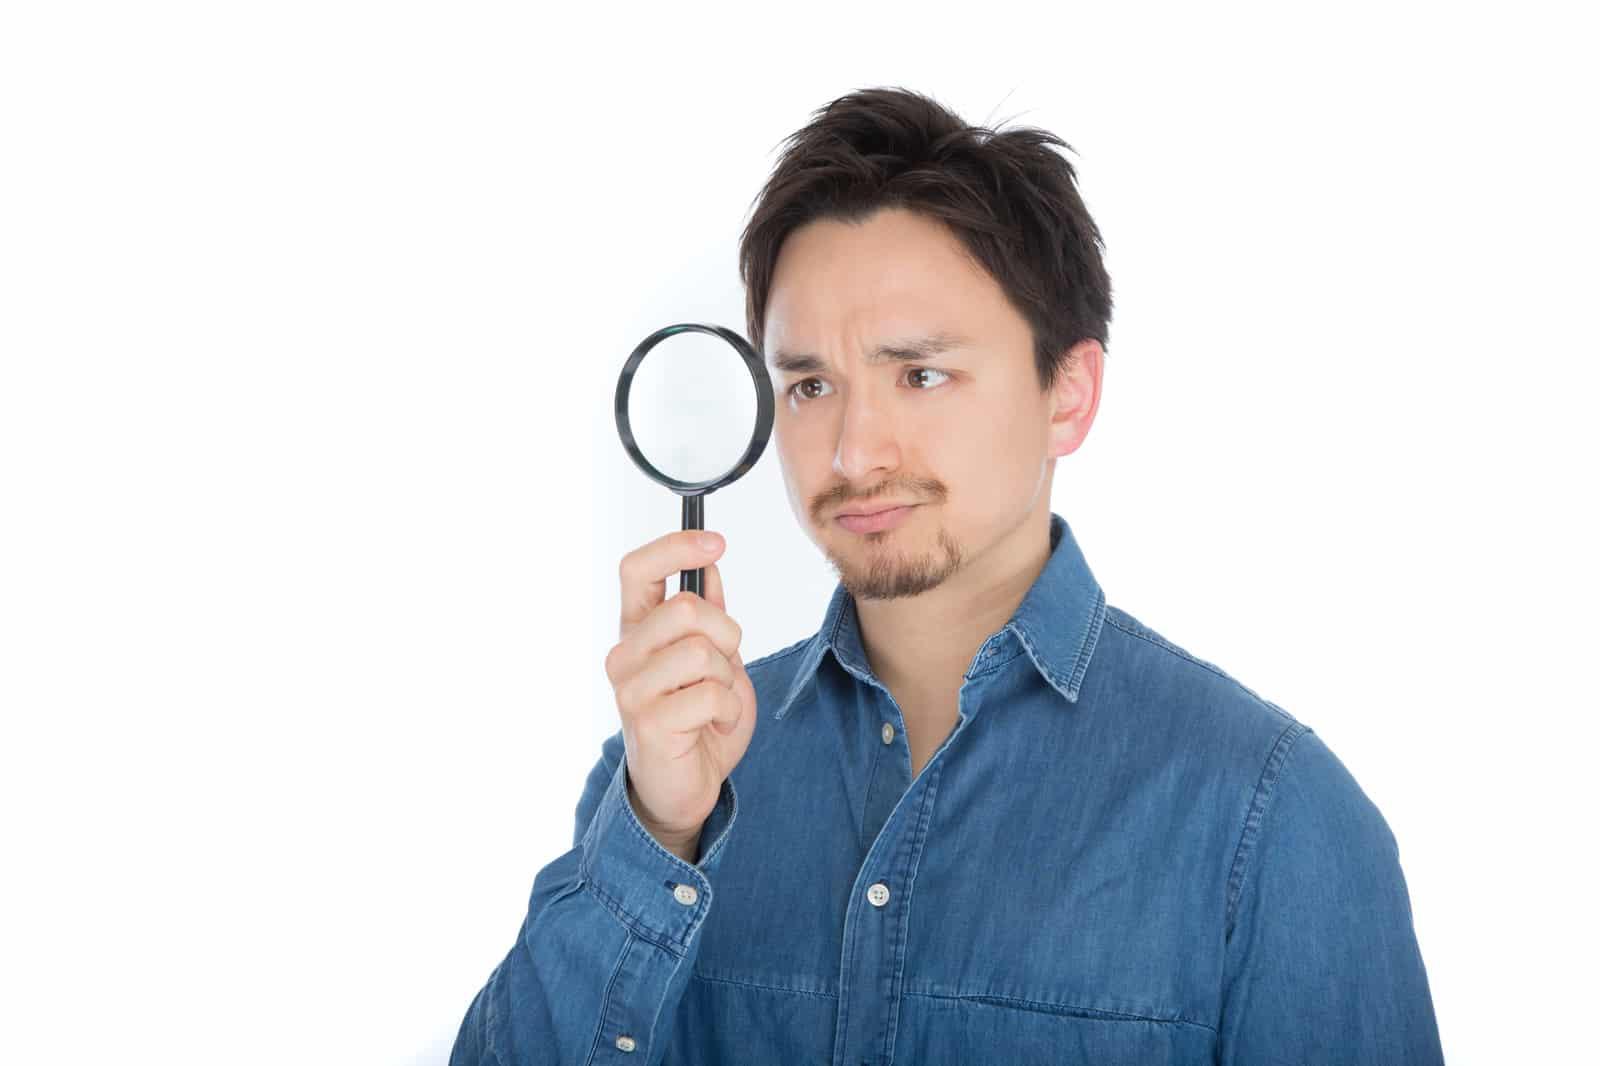 顎が細い方が良い?あの気になる男性の性格を顔の形で診断!